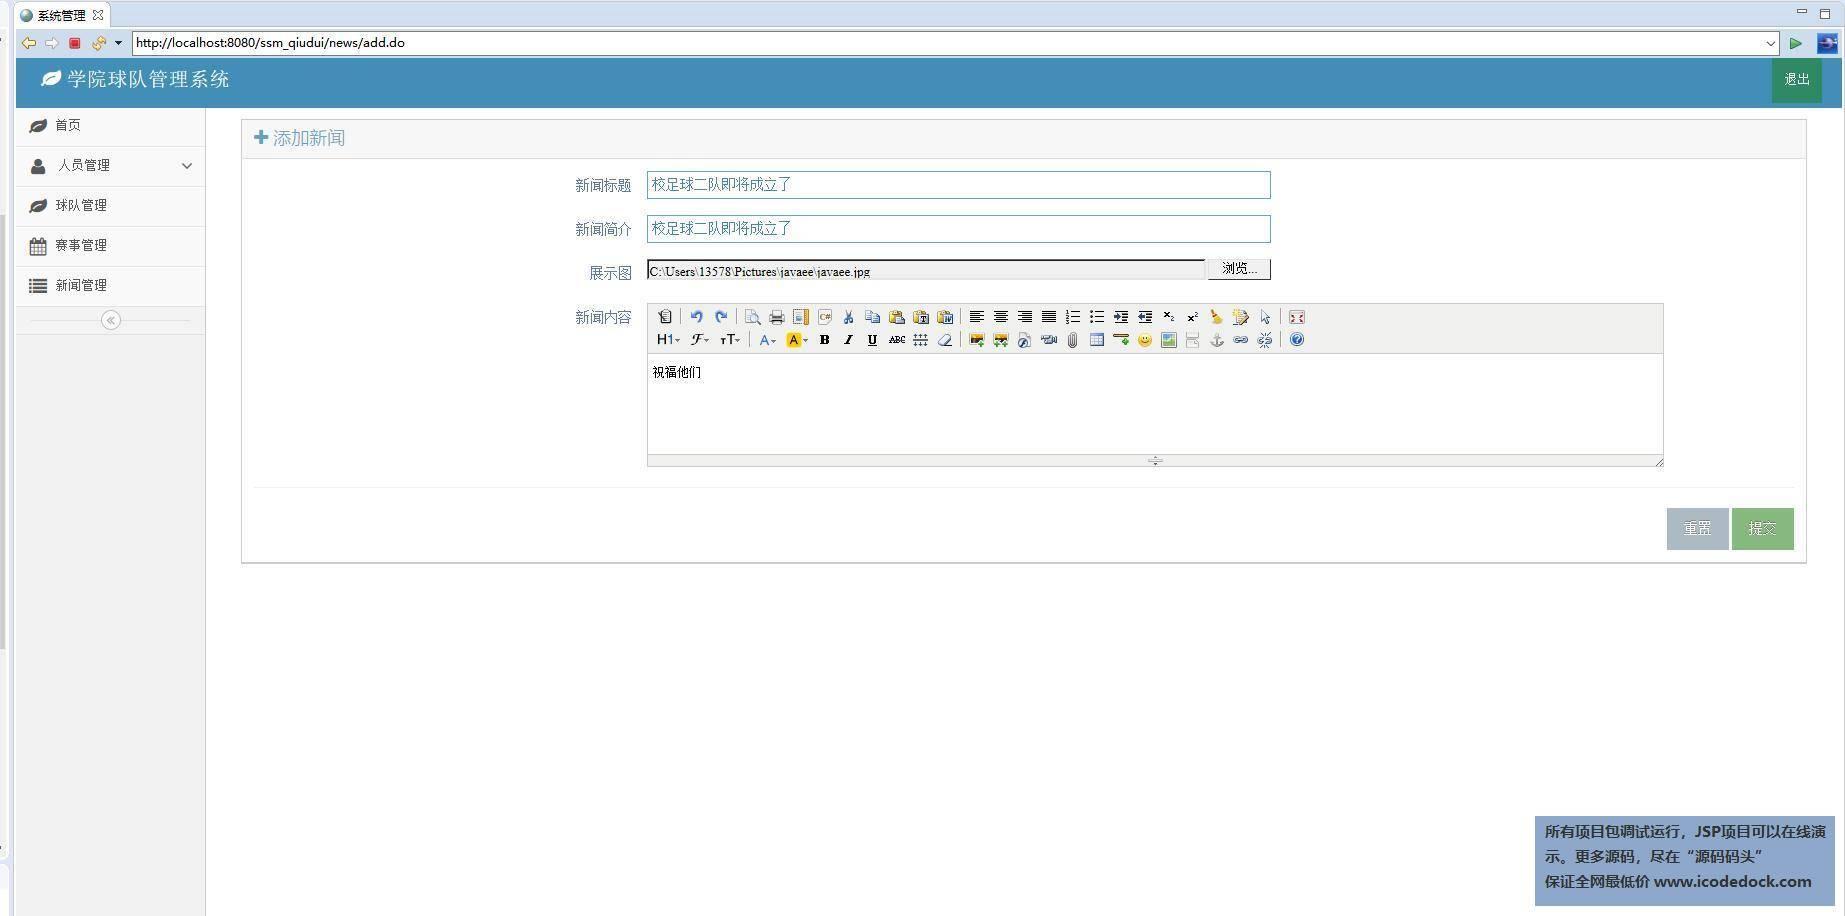 源码码头-SSM球队管理系统-管理员角色-新闻管理